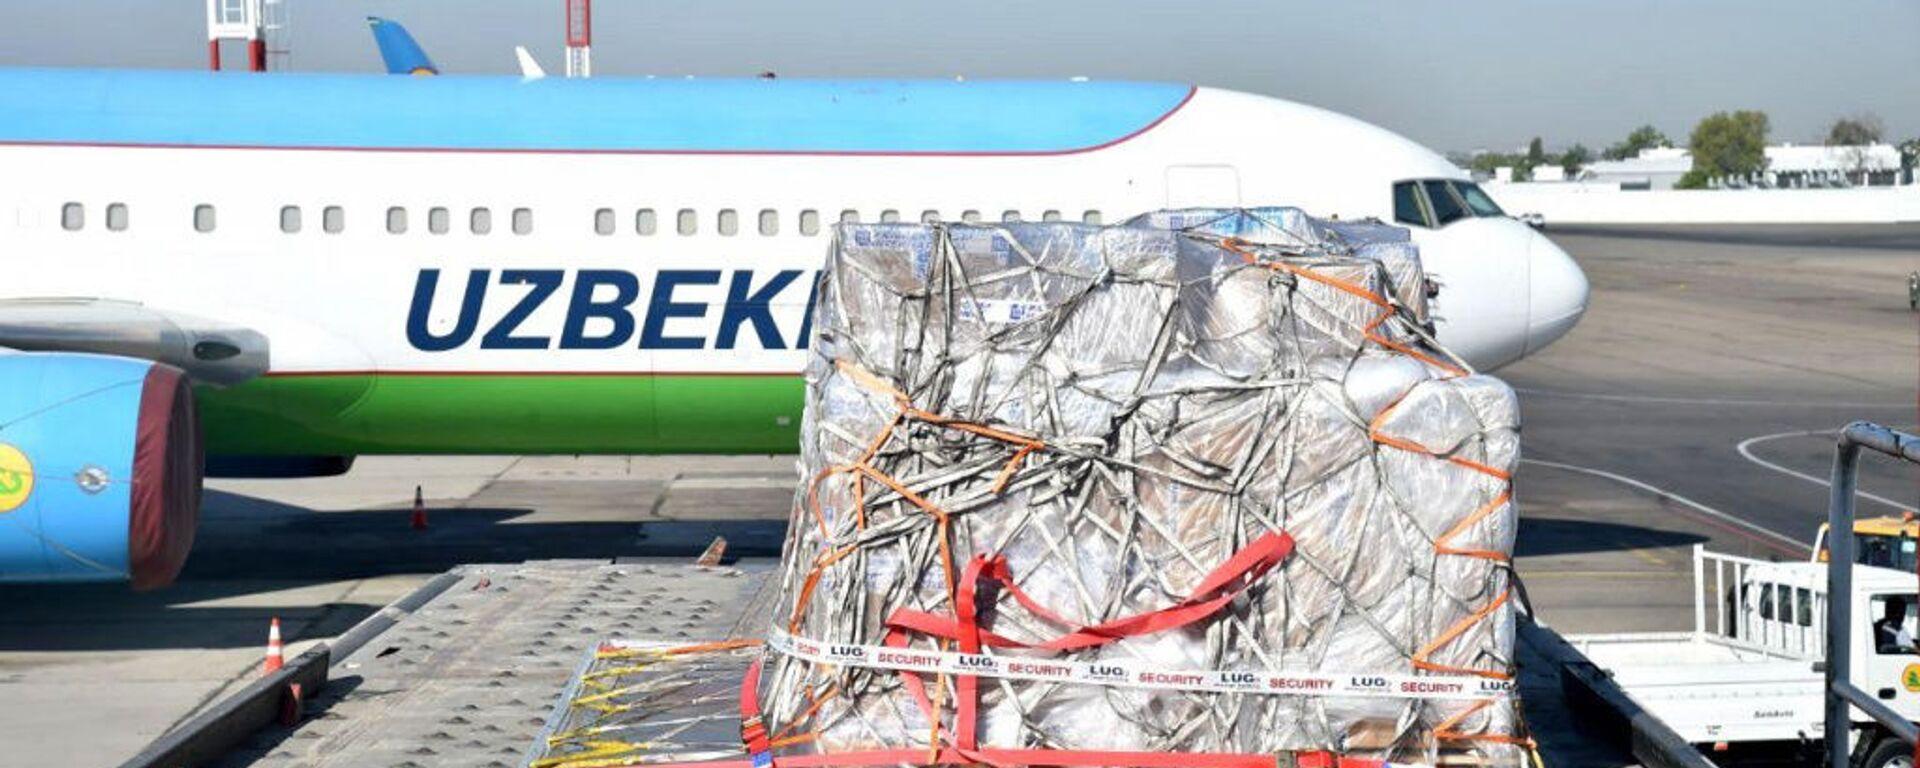 В Узбекистан прибыл гуманитарный груз из Германии - Sputnik Узбекистан, 1920, 28.07.2020